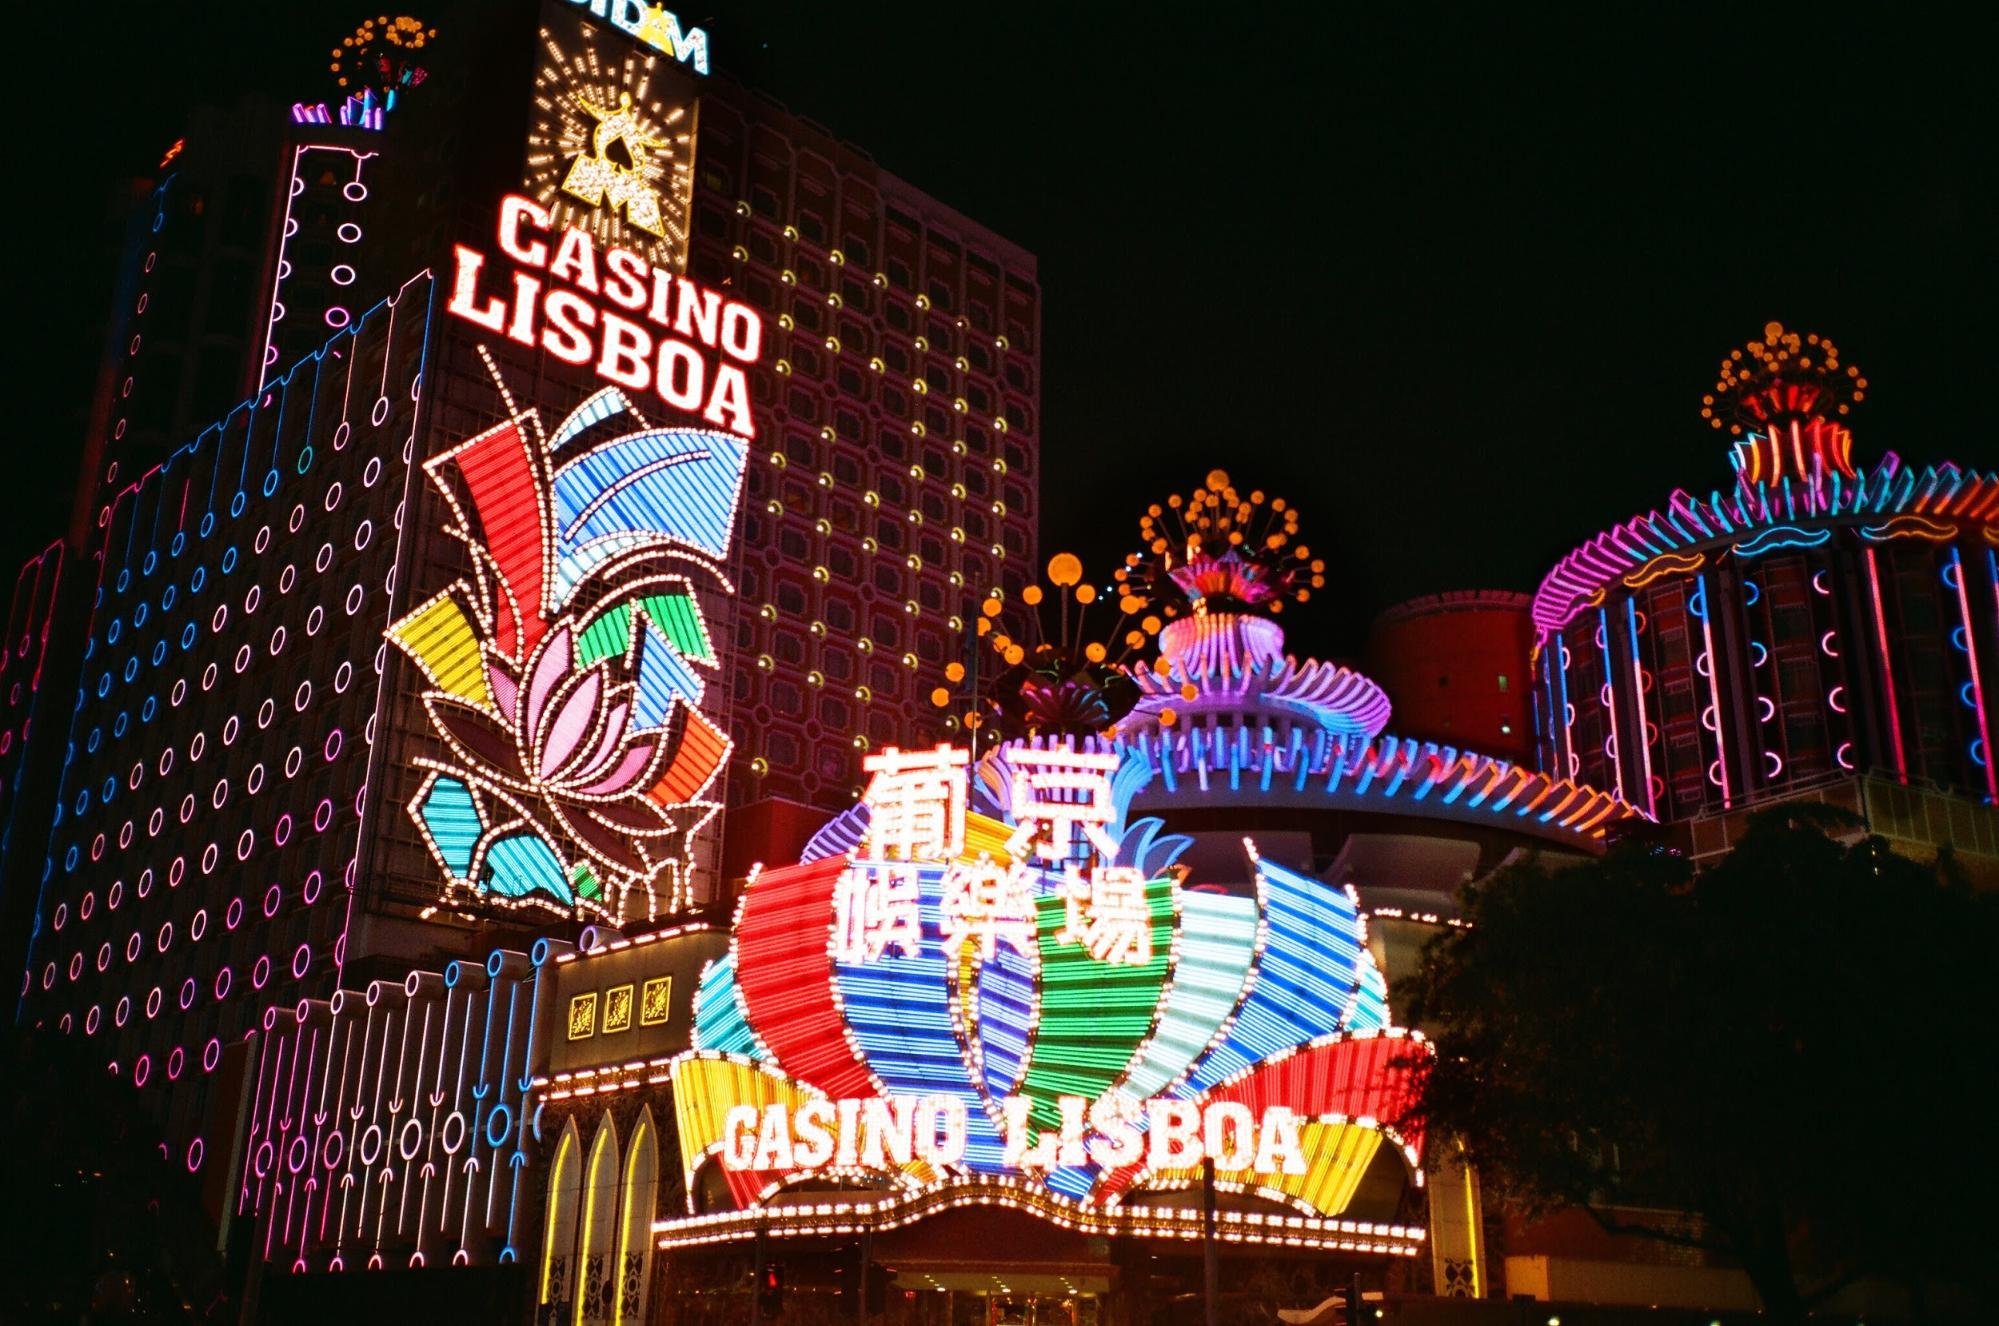 China Philippine gambling ban proxy betting